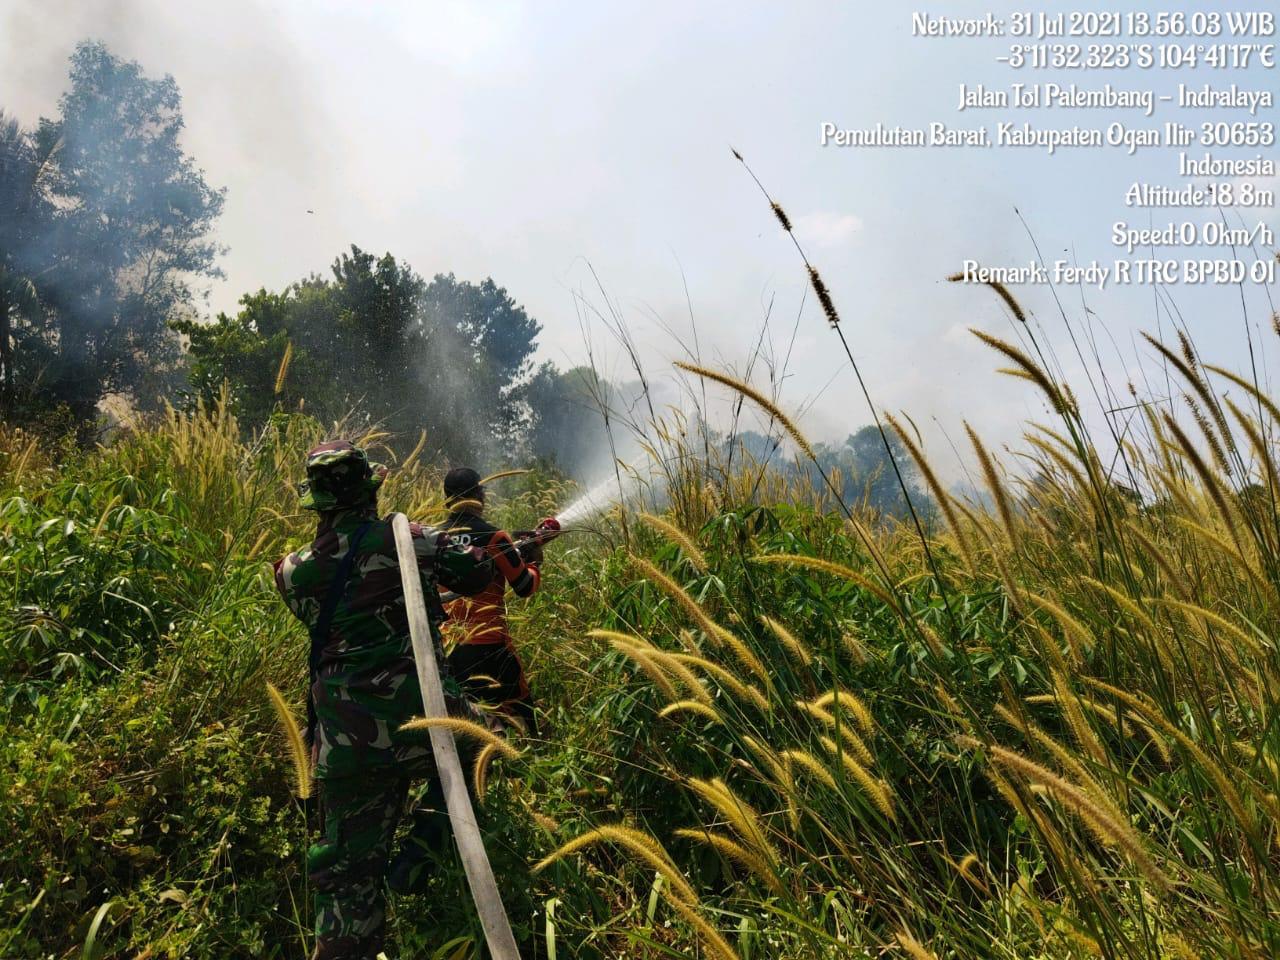 https: img.okezone.com content 2021 08 01 610 2449169 satgas-gabungan-berhasil-padamkan-5-hektar-lahan-terbakar-di-kabupaten-ogan-ilir-hVTTxJEObD.jpg